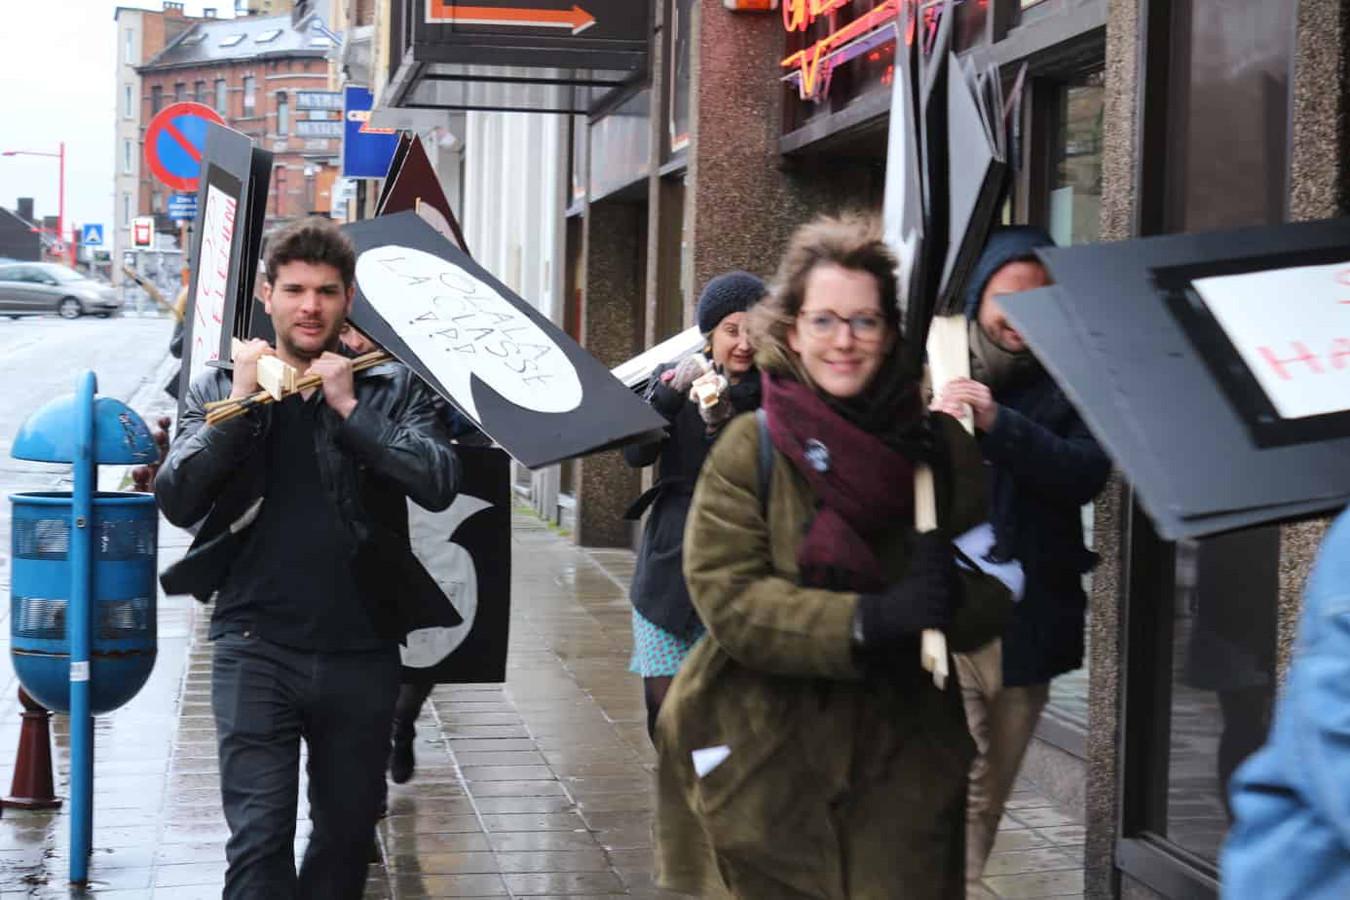 Le collectif, Femmes de Mars, se prépare à la journée du 8 mars à Charleroi